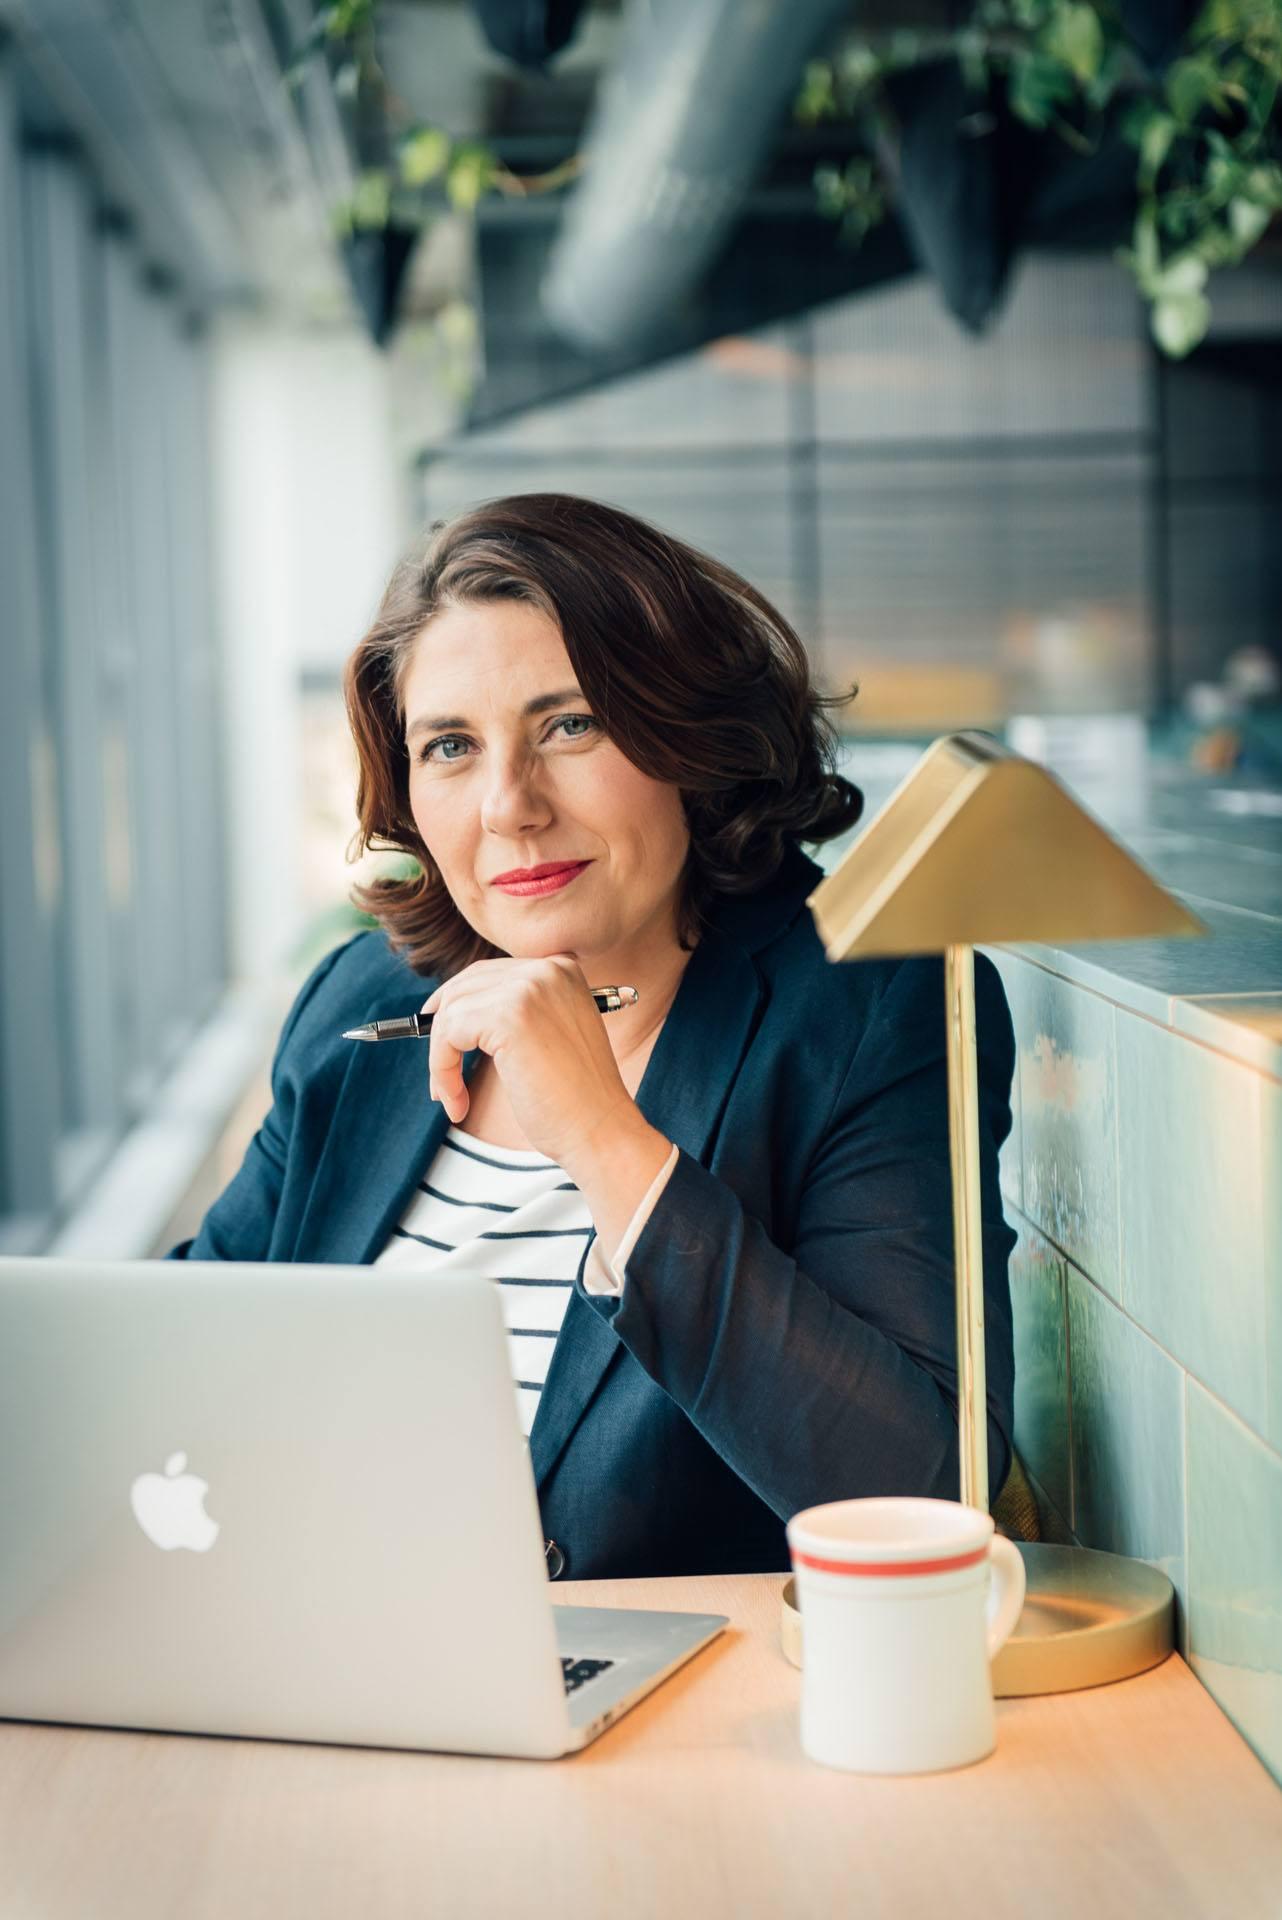 eine weibliche Coachin und Trainerin sitzt mit Laptop und Stift in einem Coworking Space